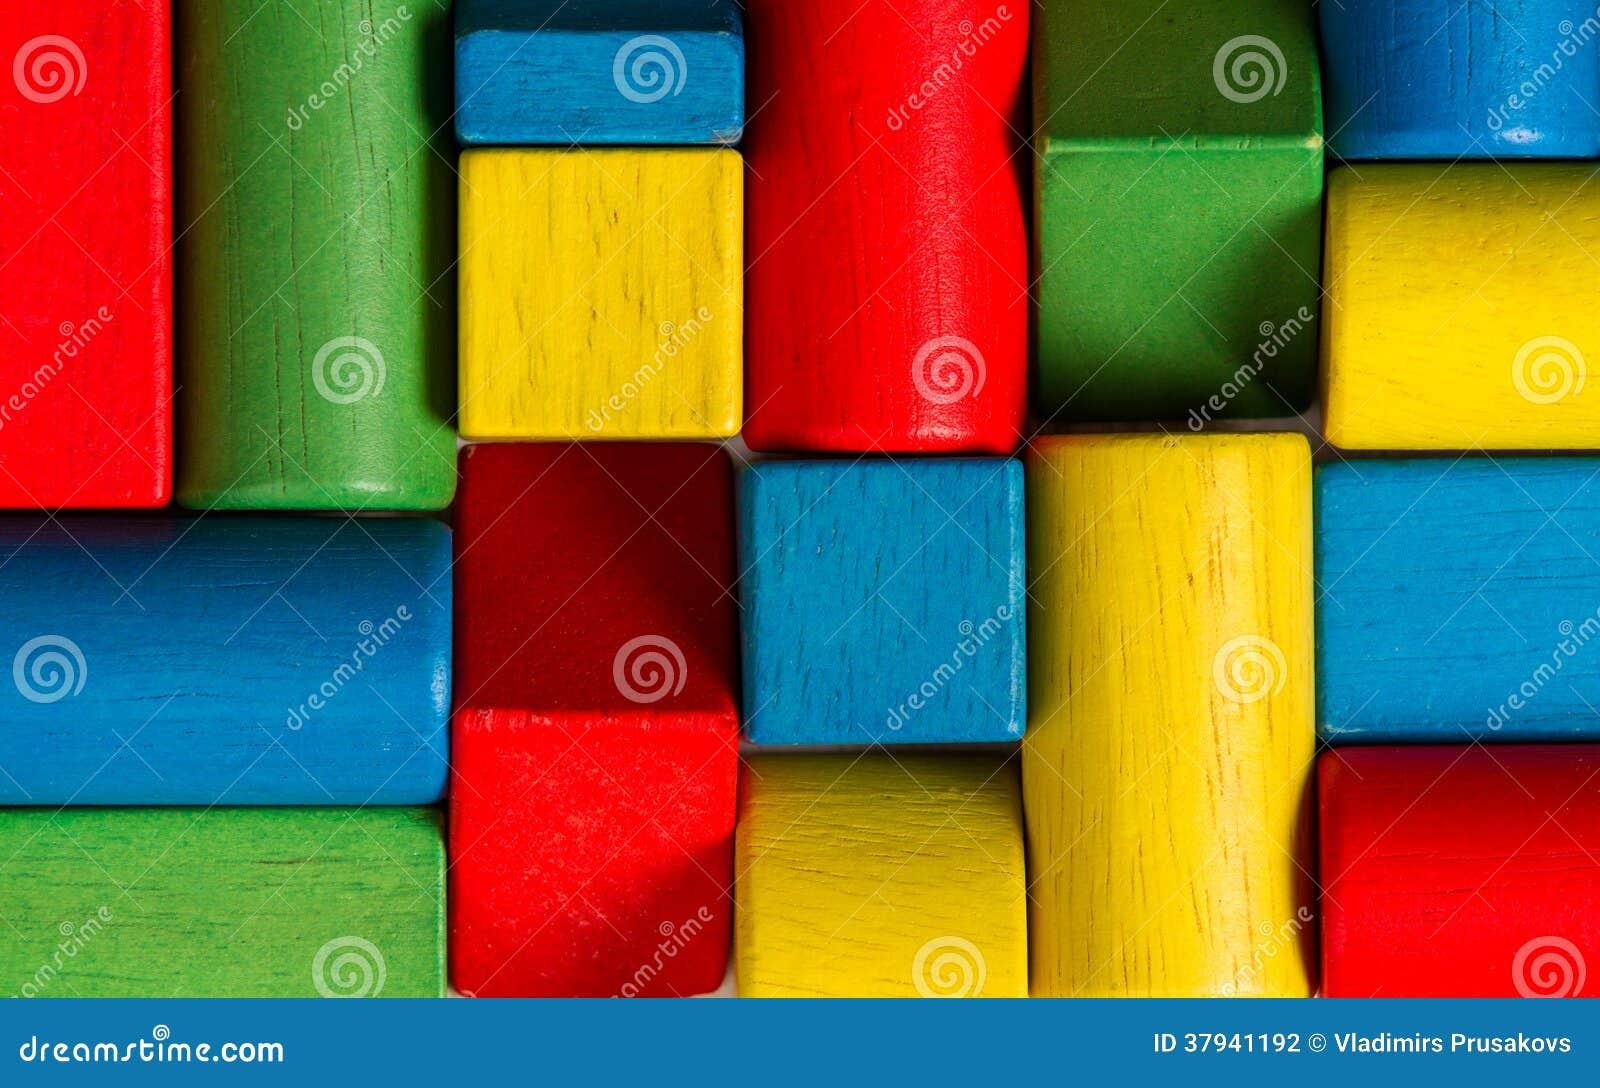 Bloques de los juguetes, ladrillos de madera multicolores, grupo de buildin colorido